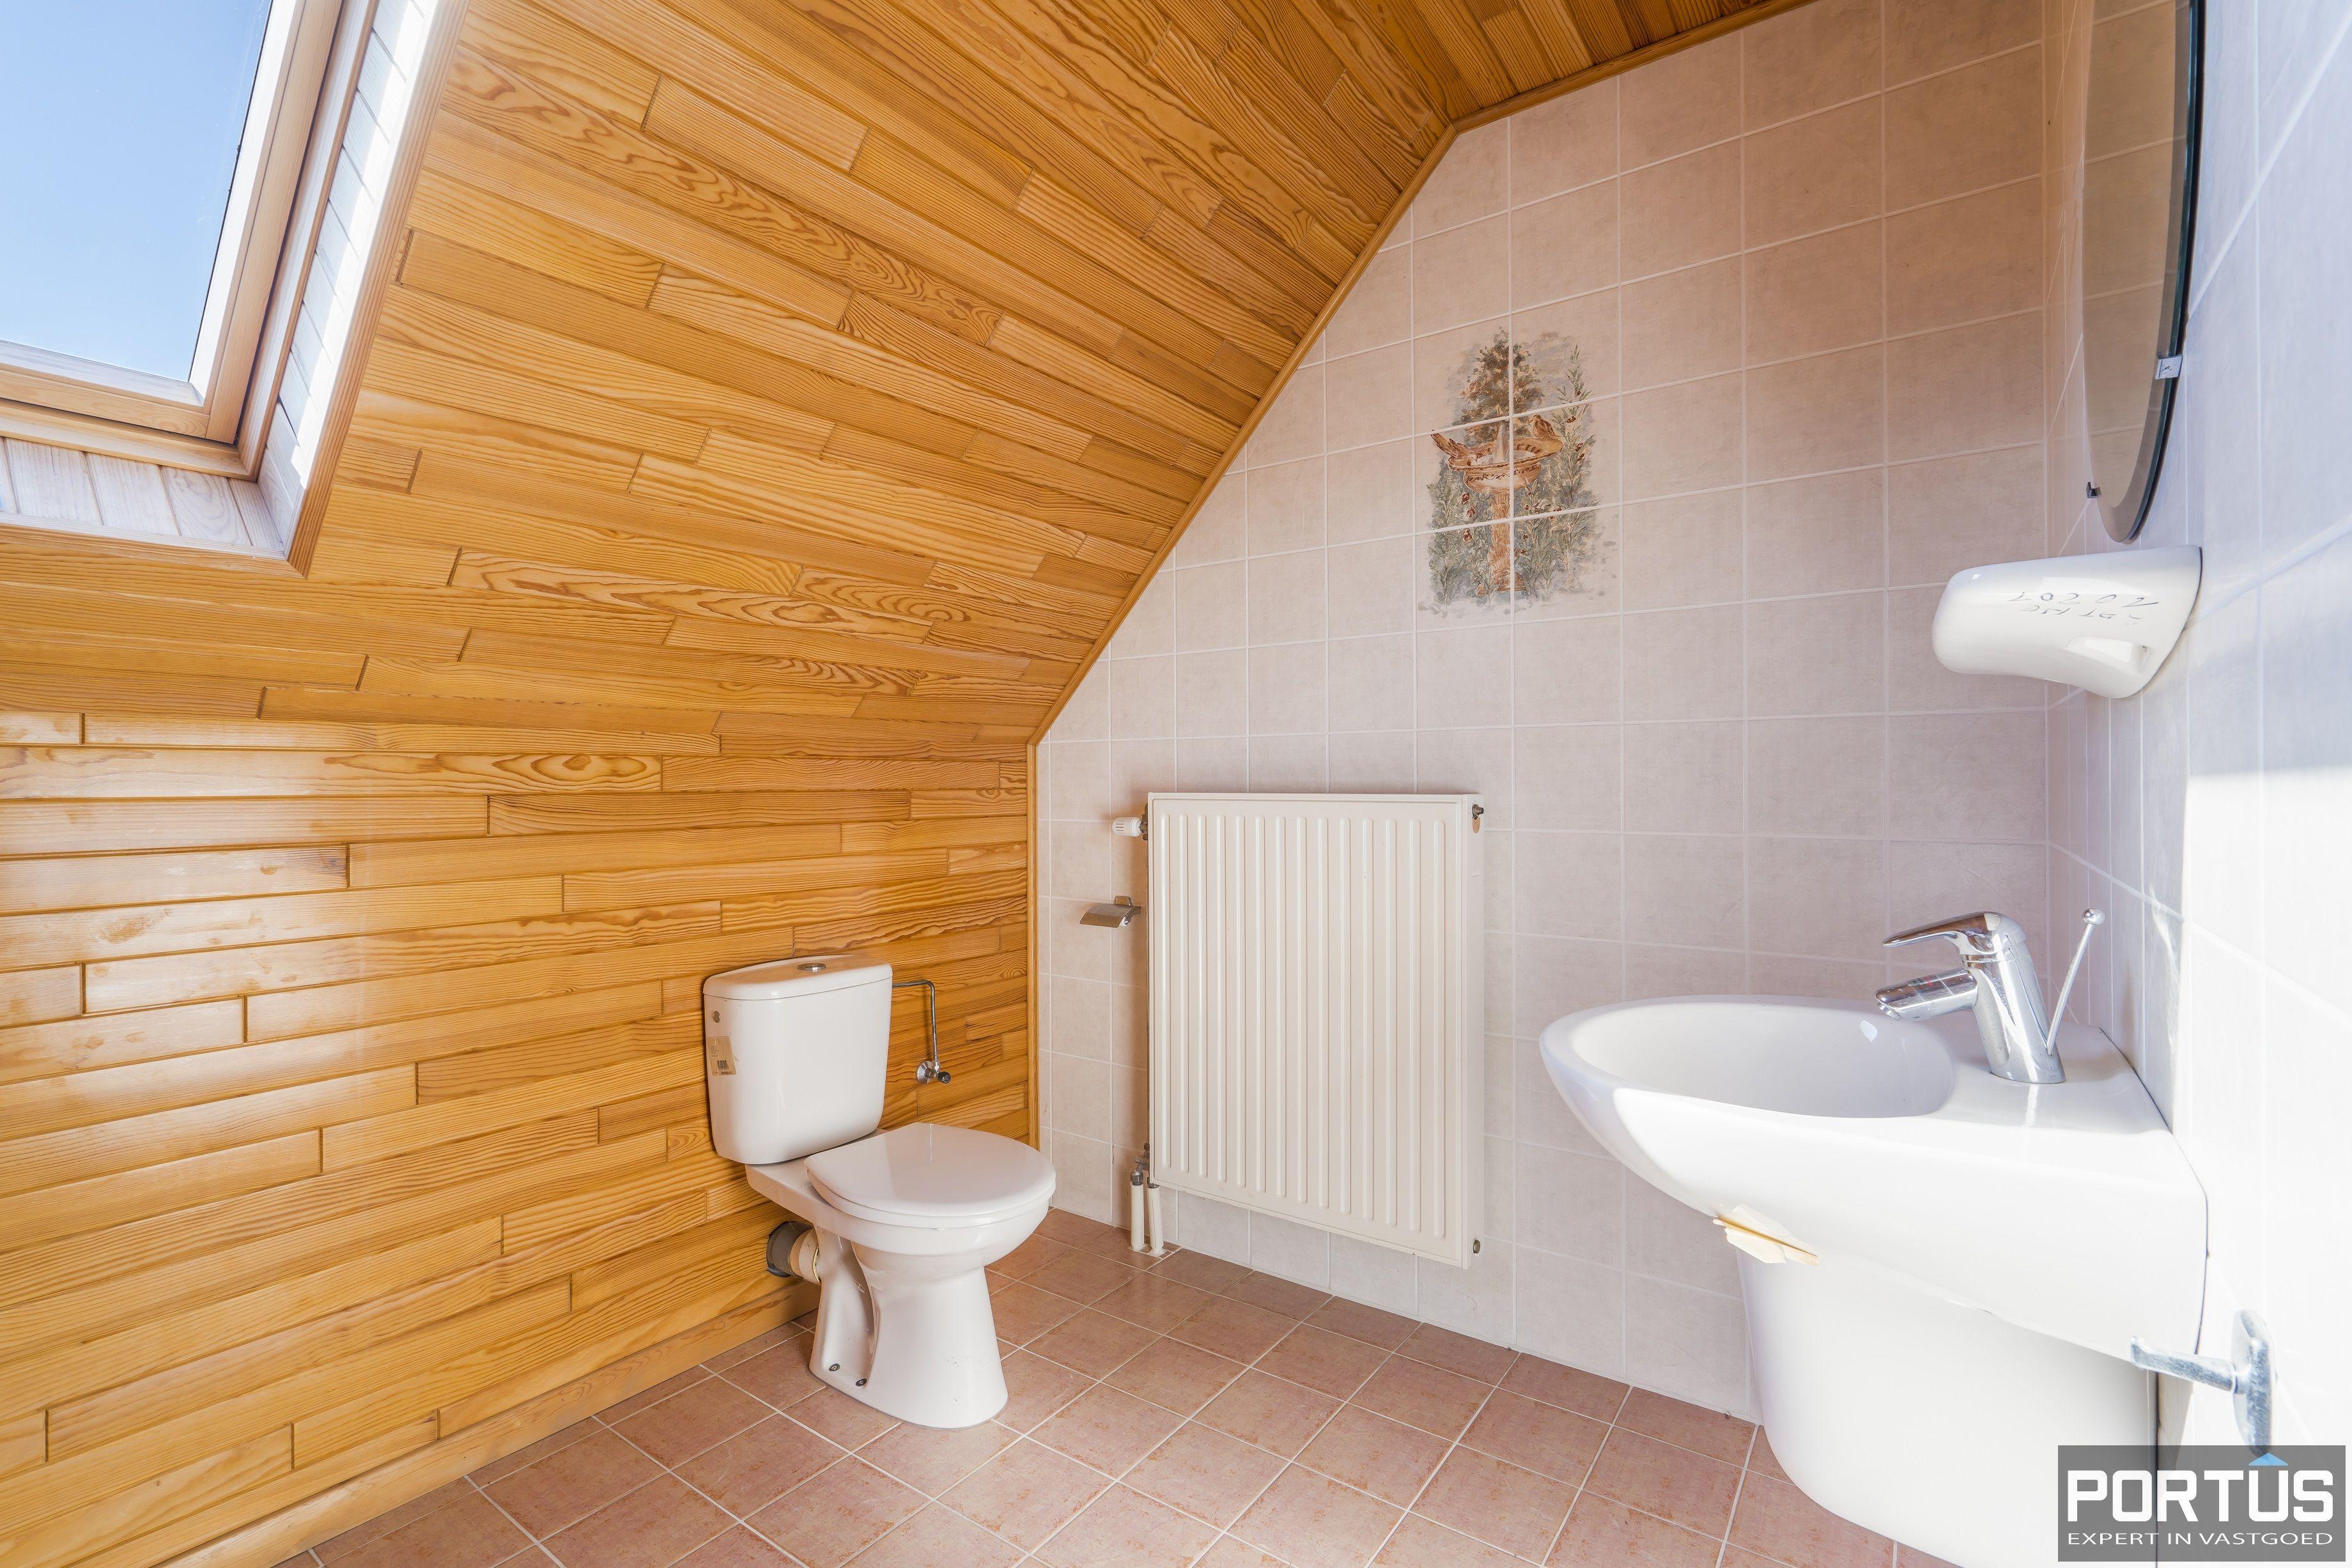 Woning te koop met 4 slaapkamers te Oostduinkerke - 12589